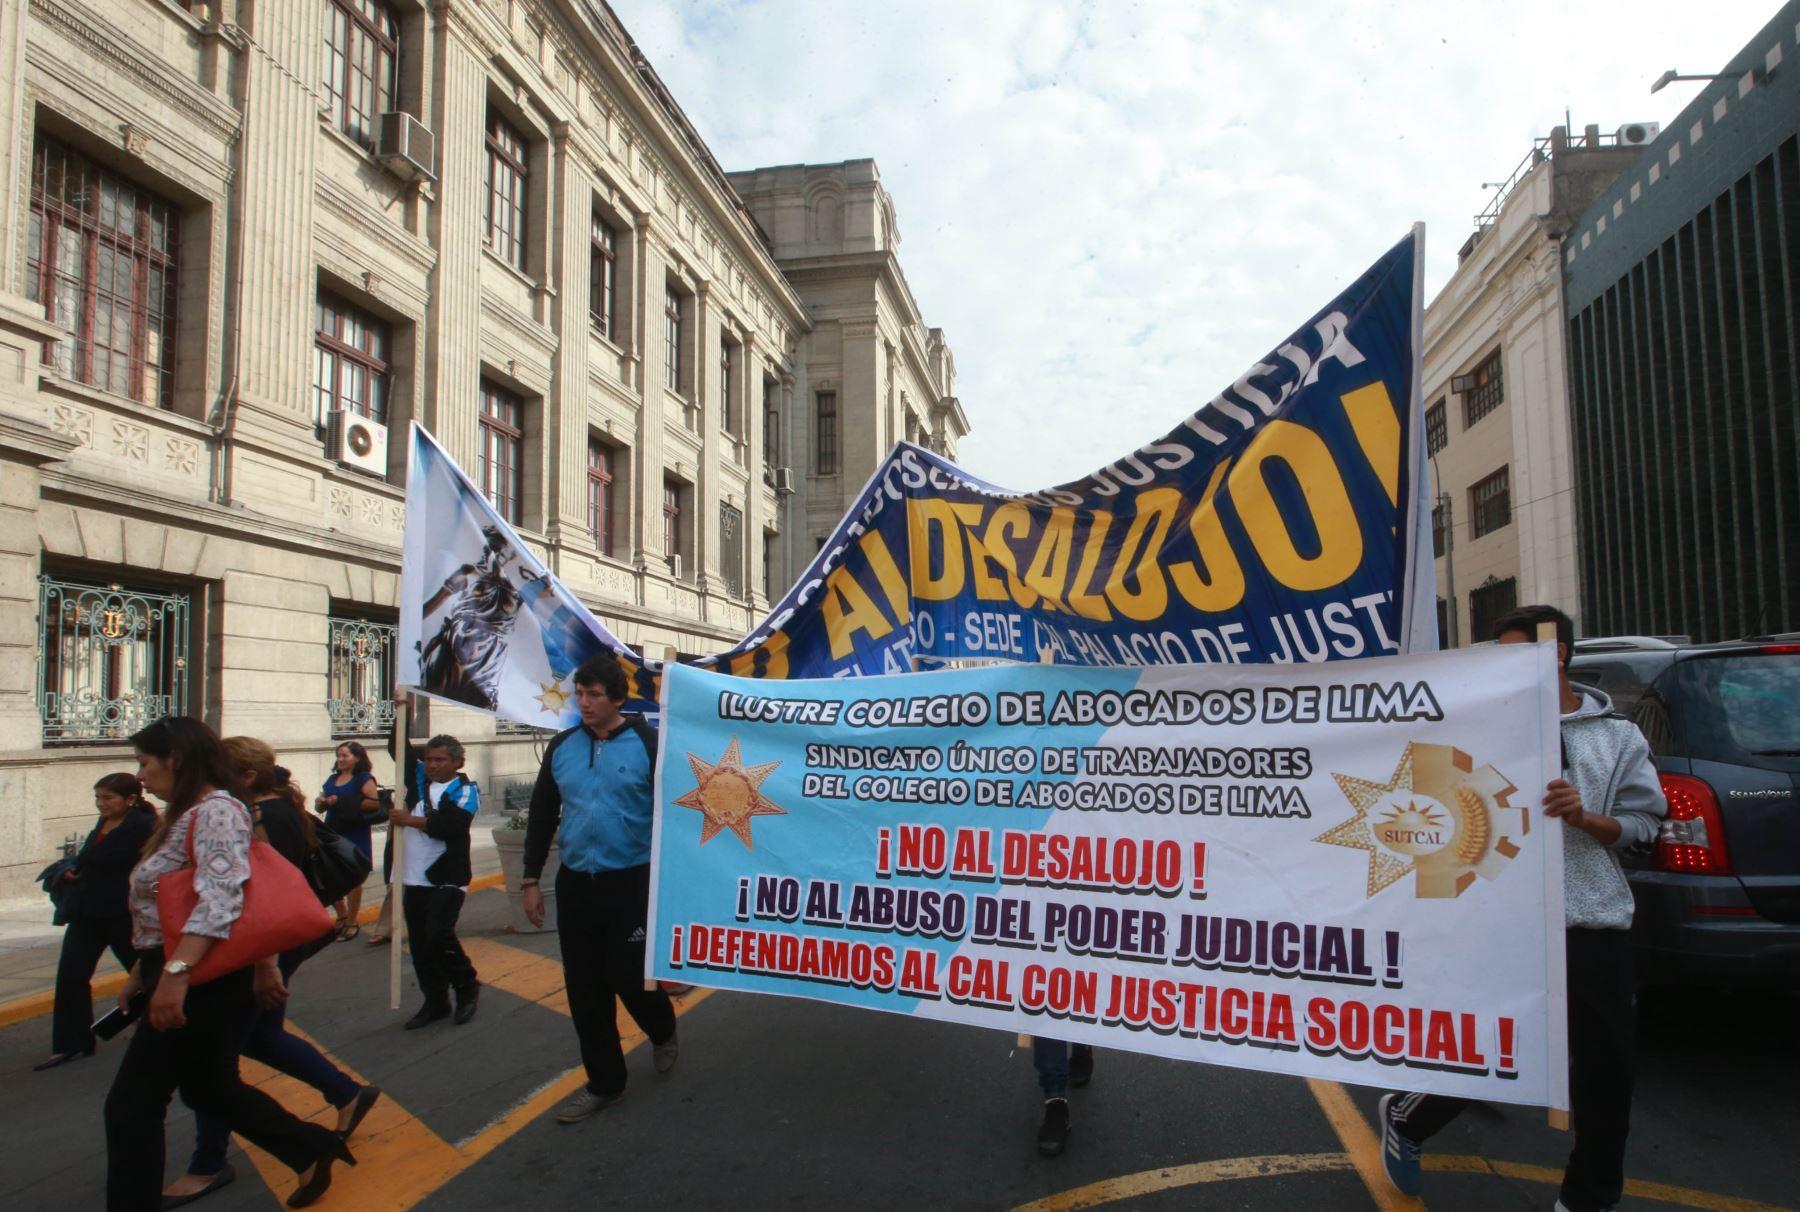 Colegio de Abogados fue desalojado de ambiente — Palacio de Justicia